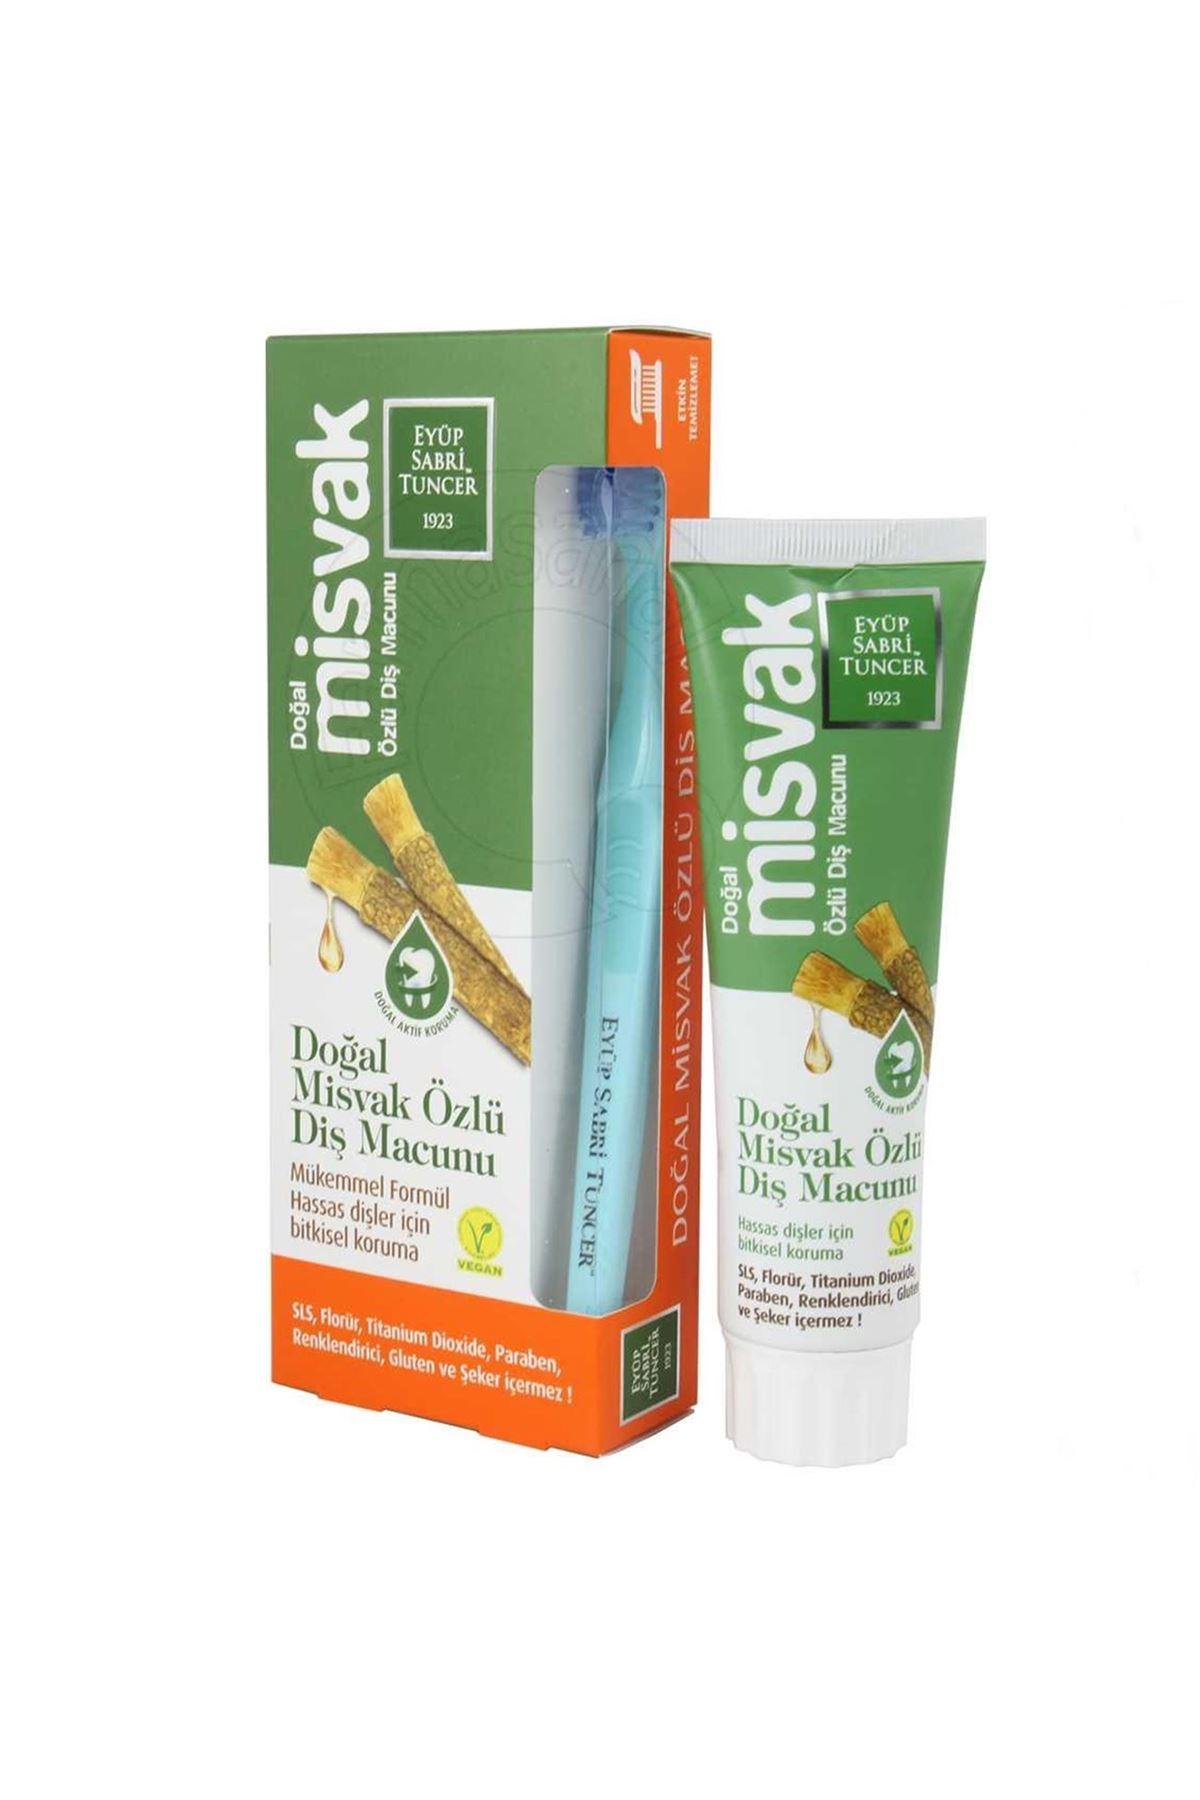 Eyüp Sabri Tuncer Doğal Misvak Özlü Diş Macunu 75 ml *diş fırçası hediyeli*